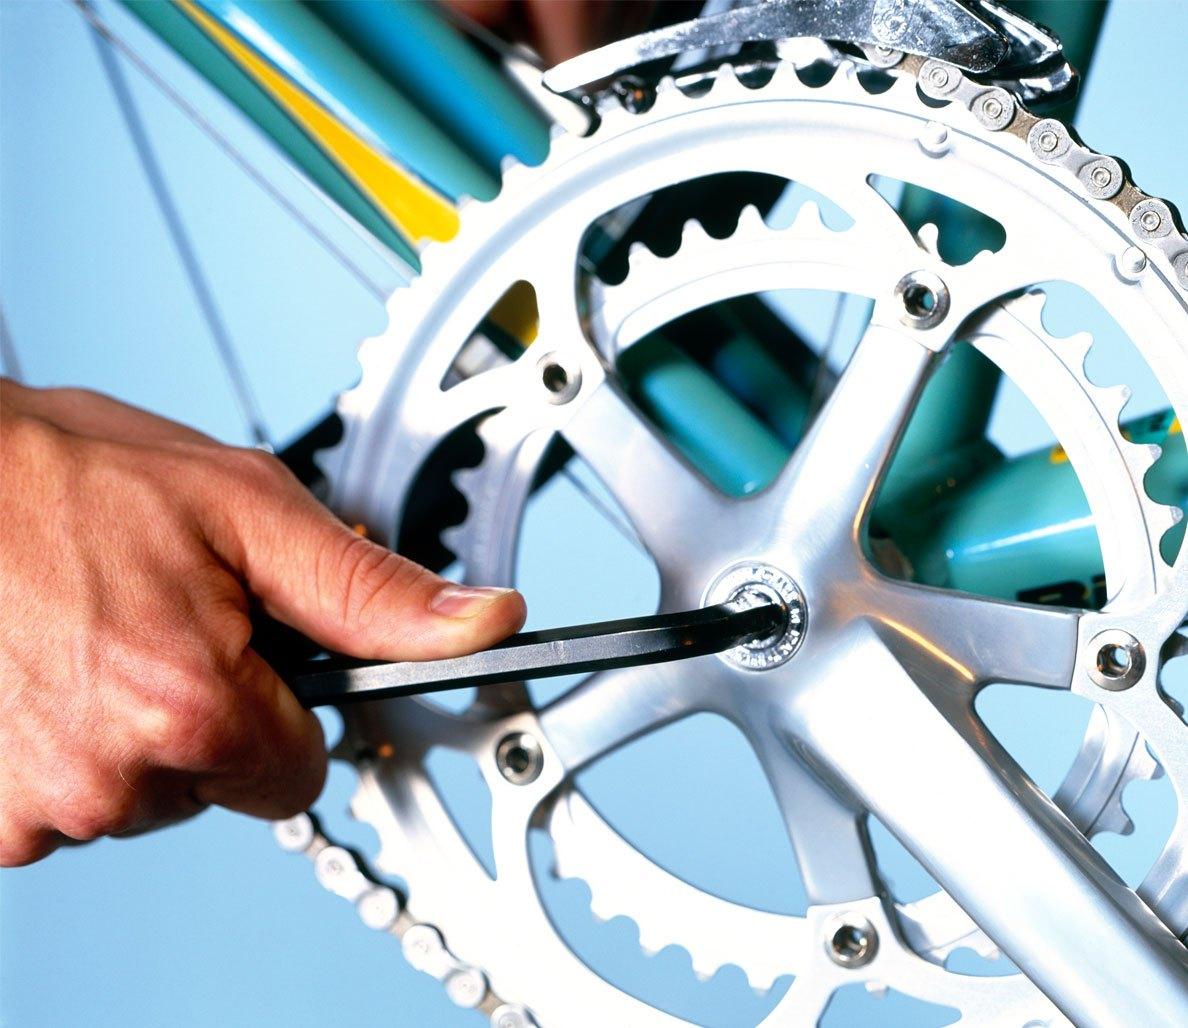 Ремонт велосипеда своими руками